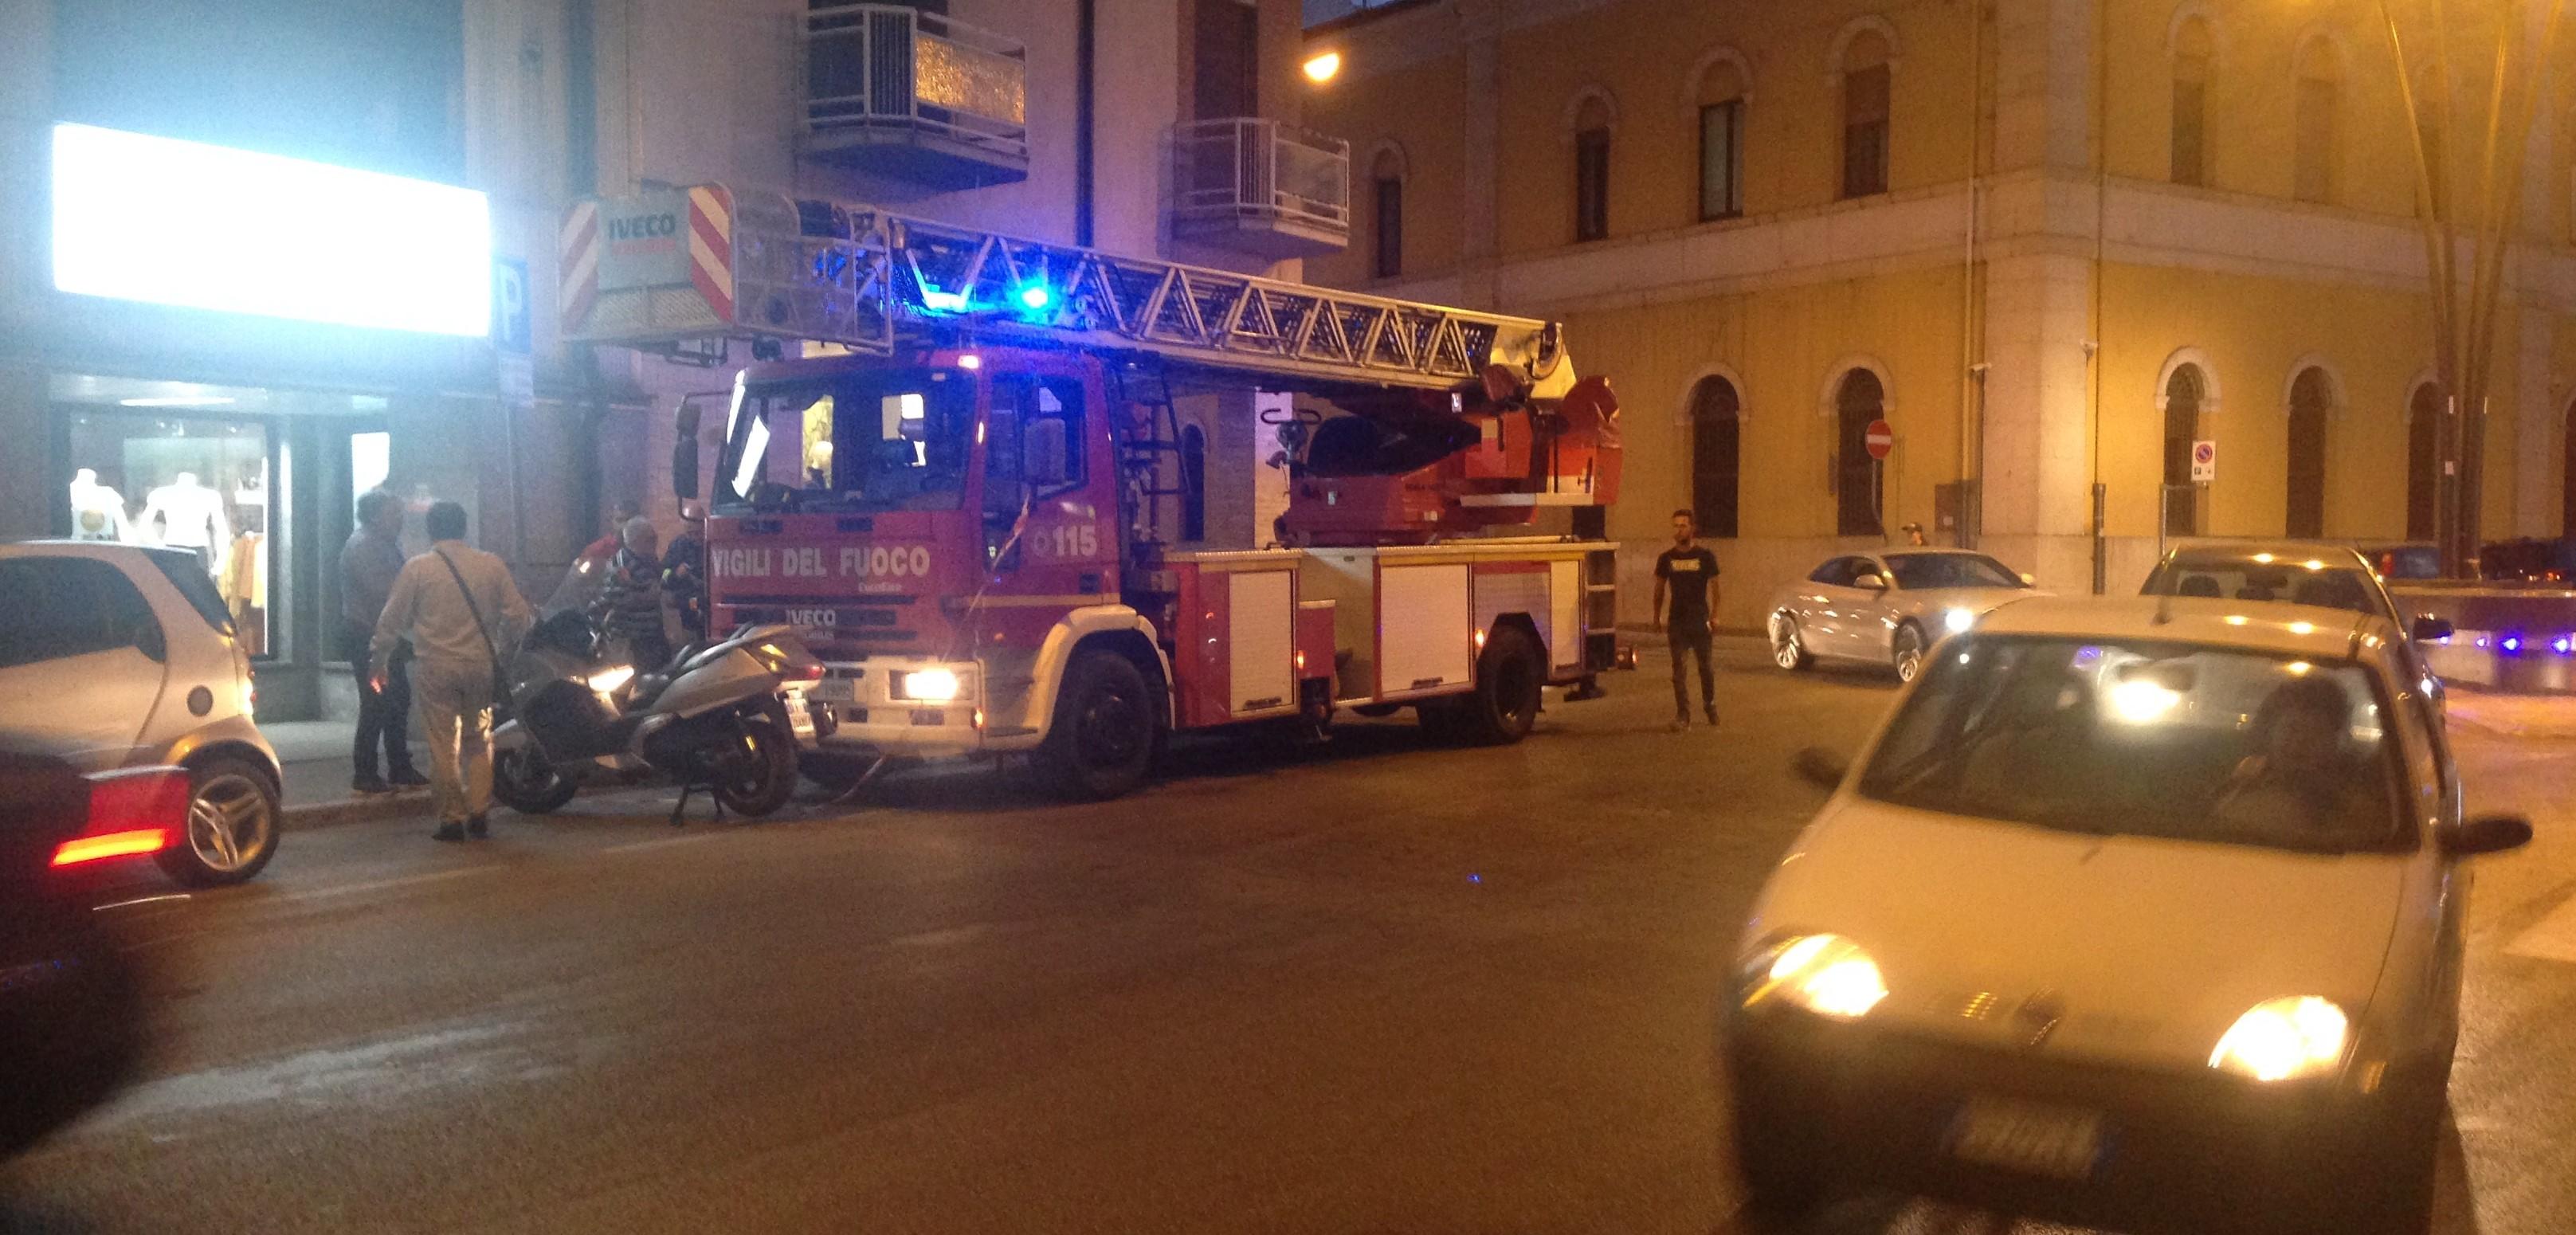 Piovono calcinacci da un cornicione a via Mazzini, intervengono i Vigili del Fuoco